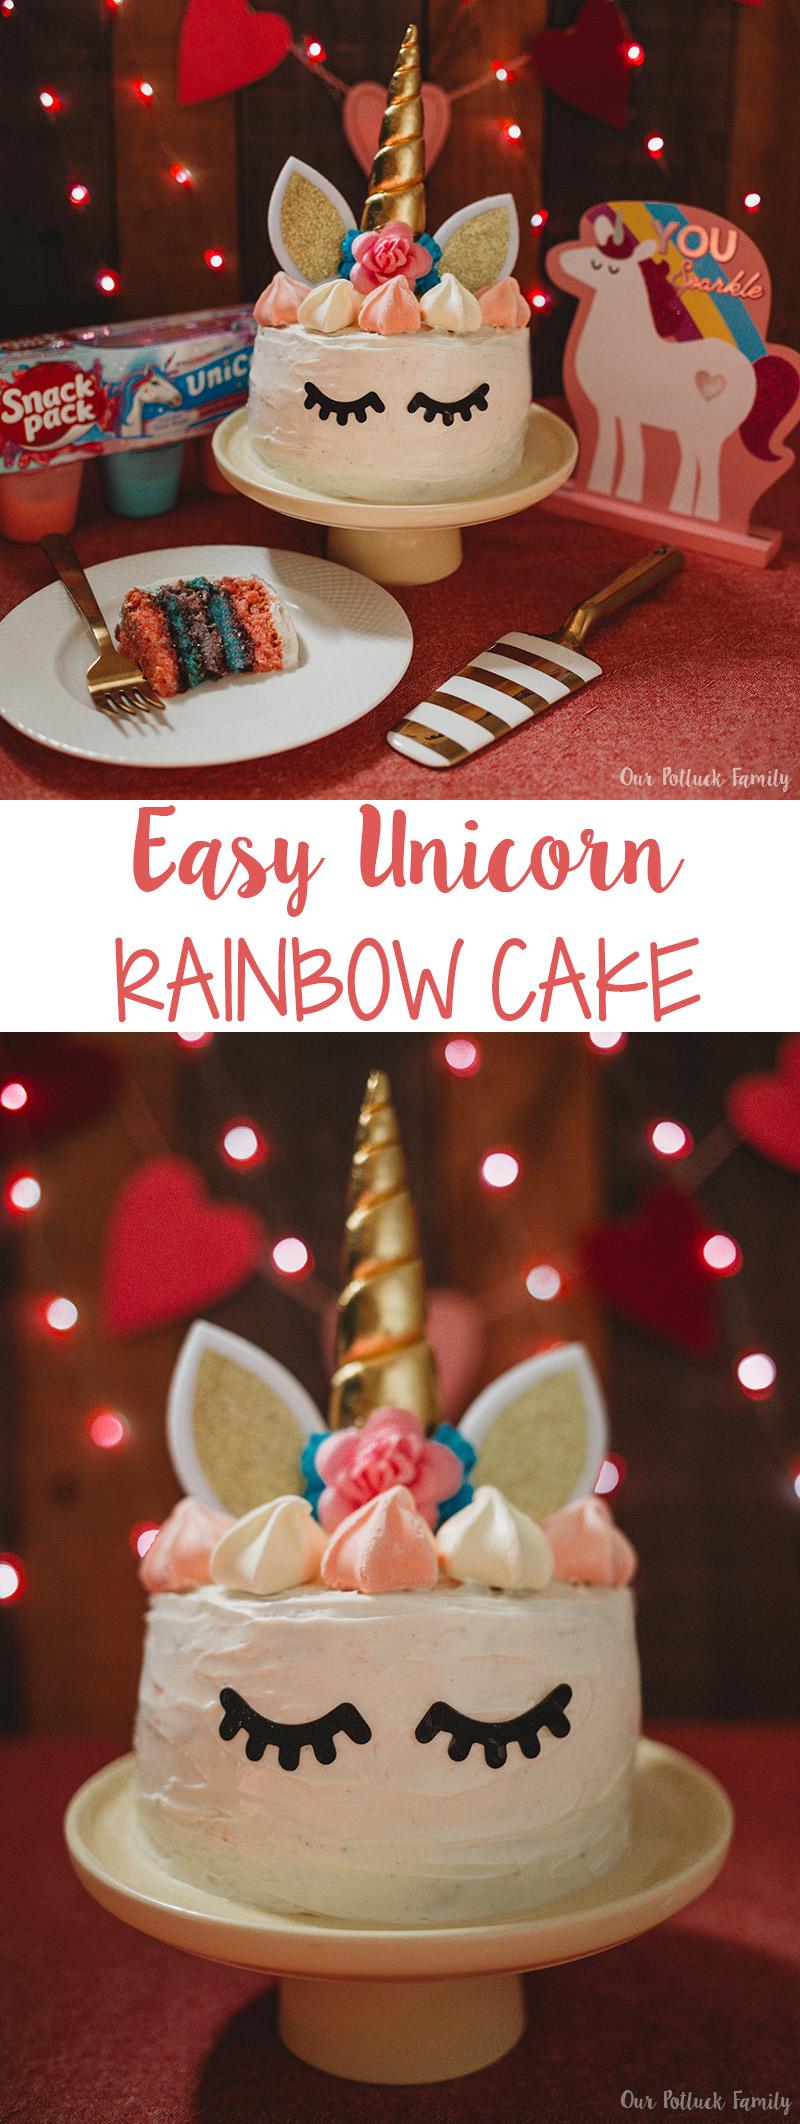 Easy Unicorn Rainbow Cake